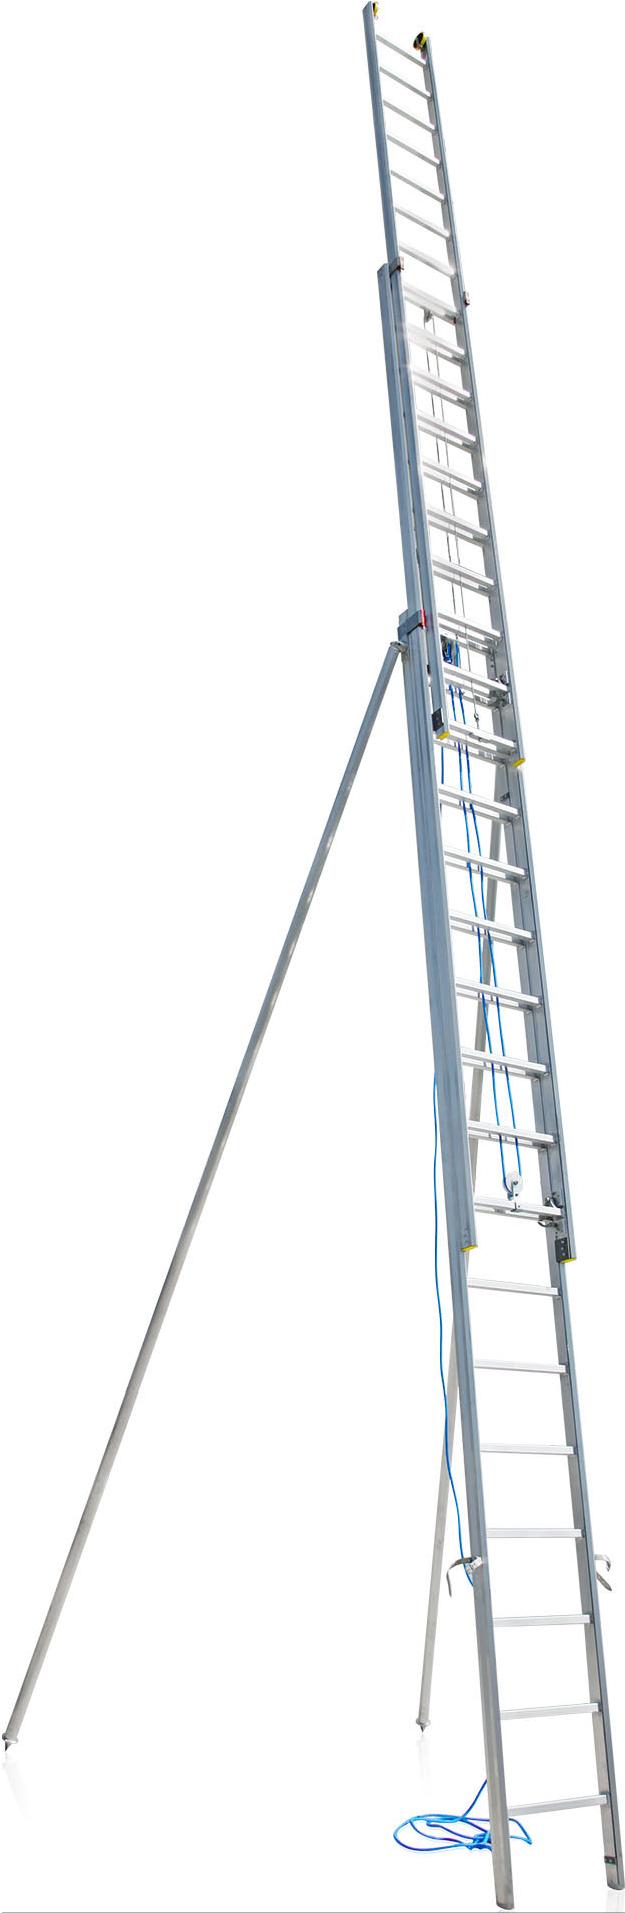 Trojdielny lanoťahový  rebrík Typ 57-020